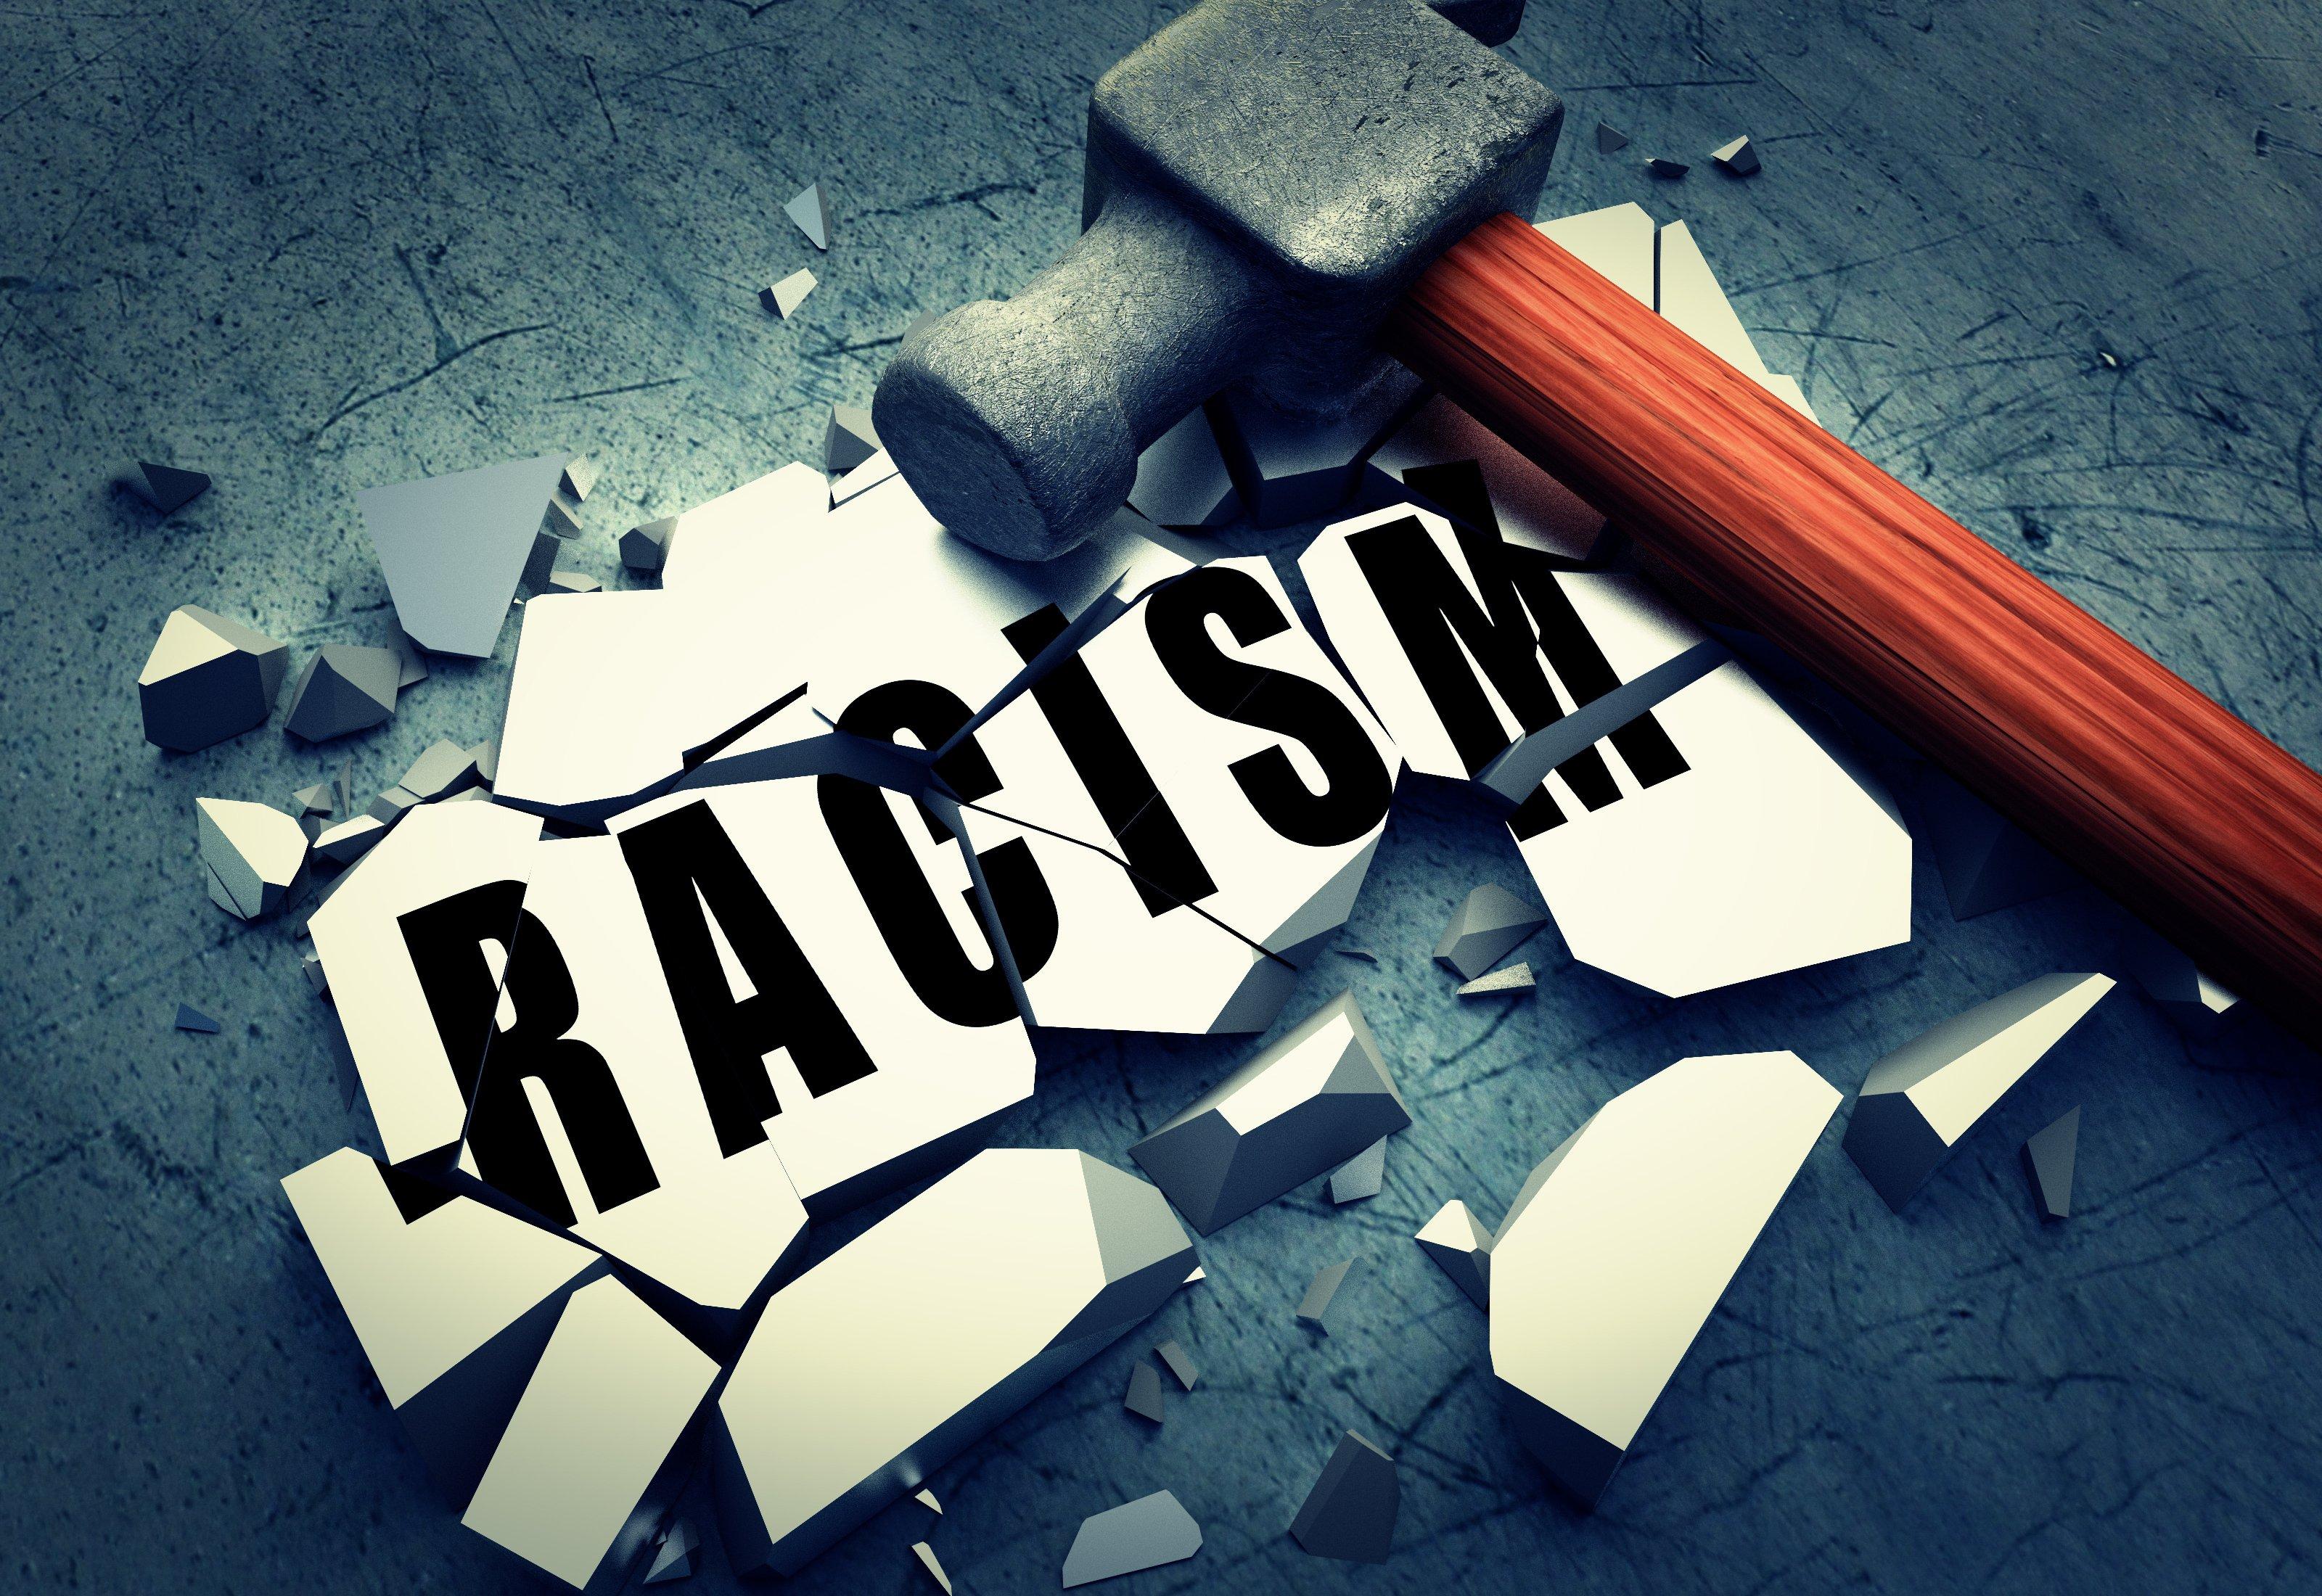 Racism in Schools Essay